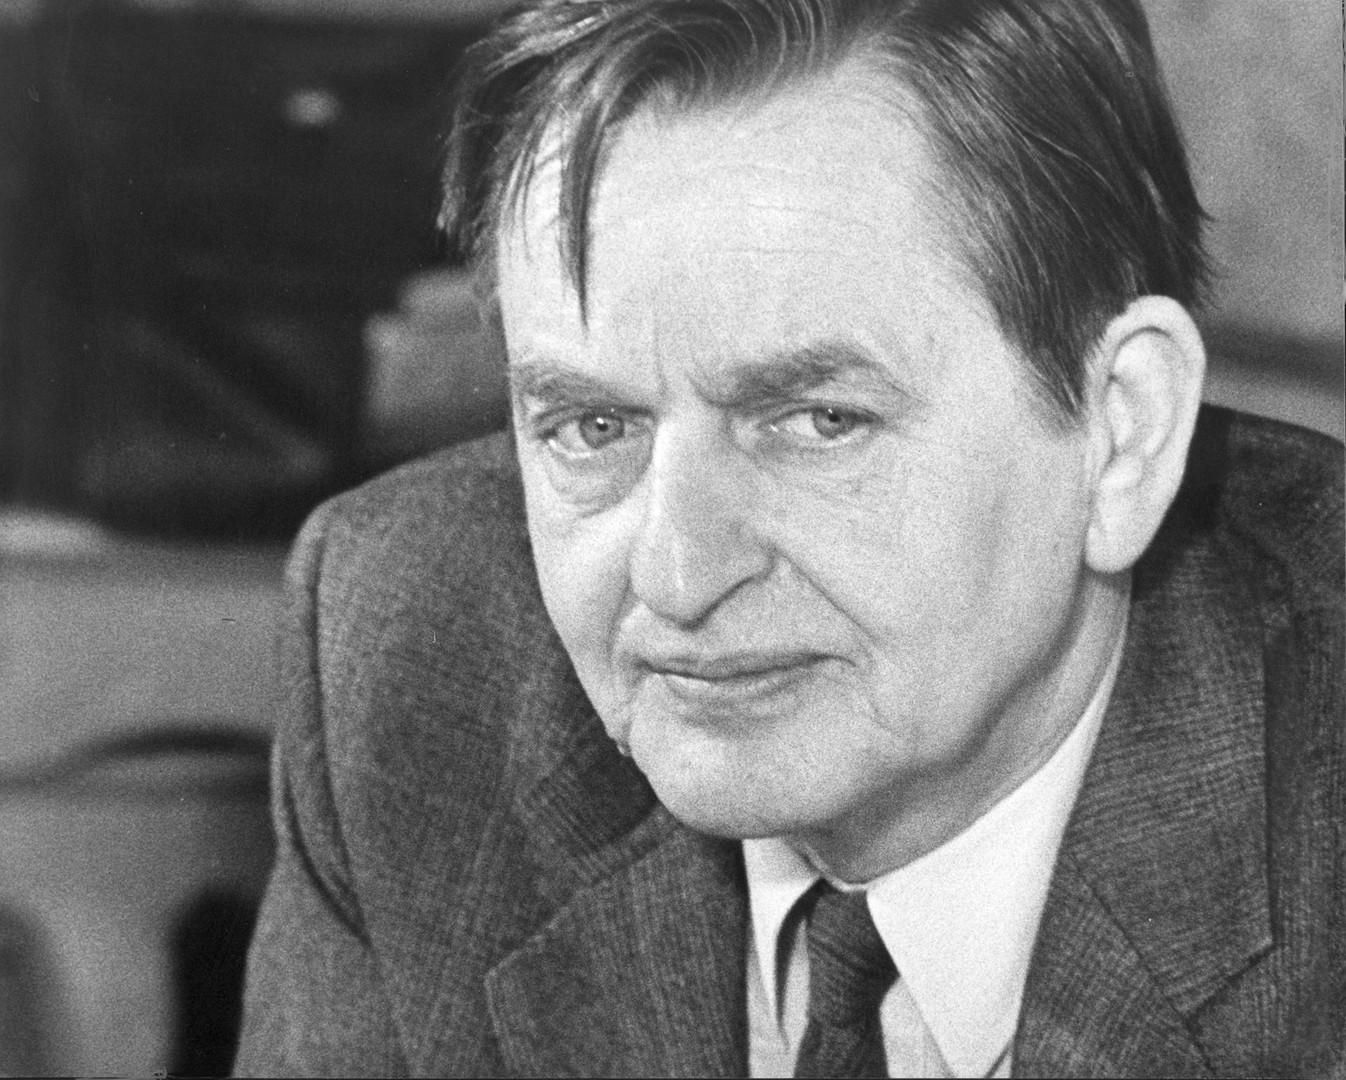 Olof Palme, Socialdemokrat och sexköpare.